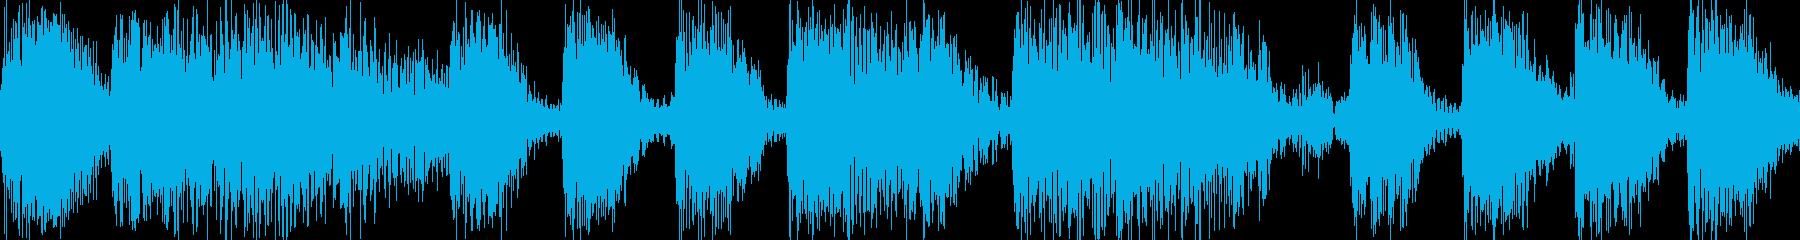 おちゃめ系 サンバ系 ジングル Loopの再生済みの波形